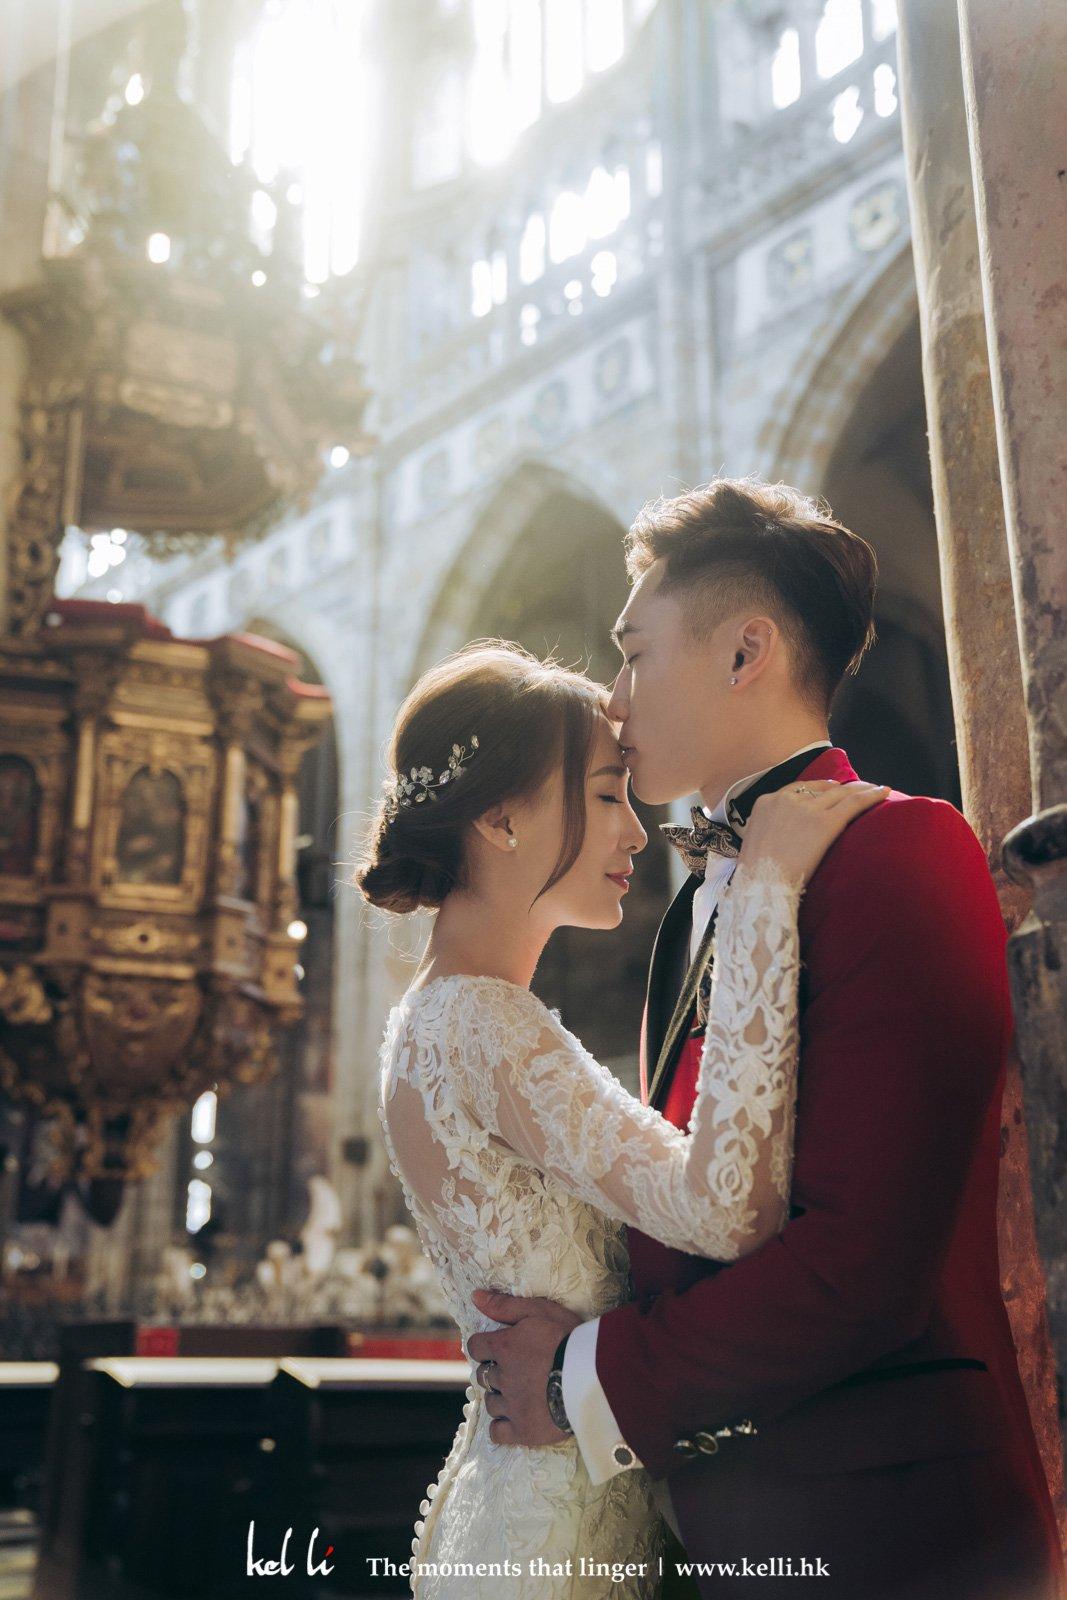 布拉格的哥德式教堂與婚紗是絕配